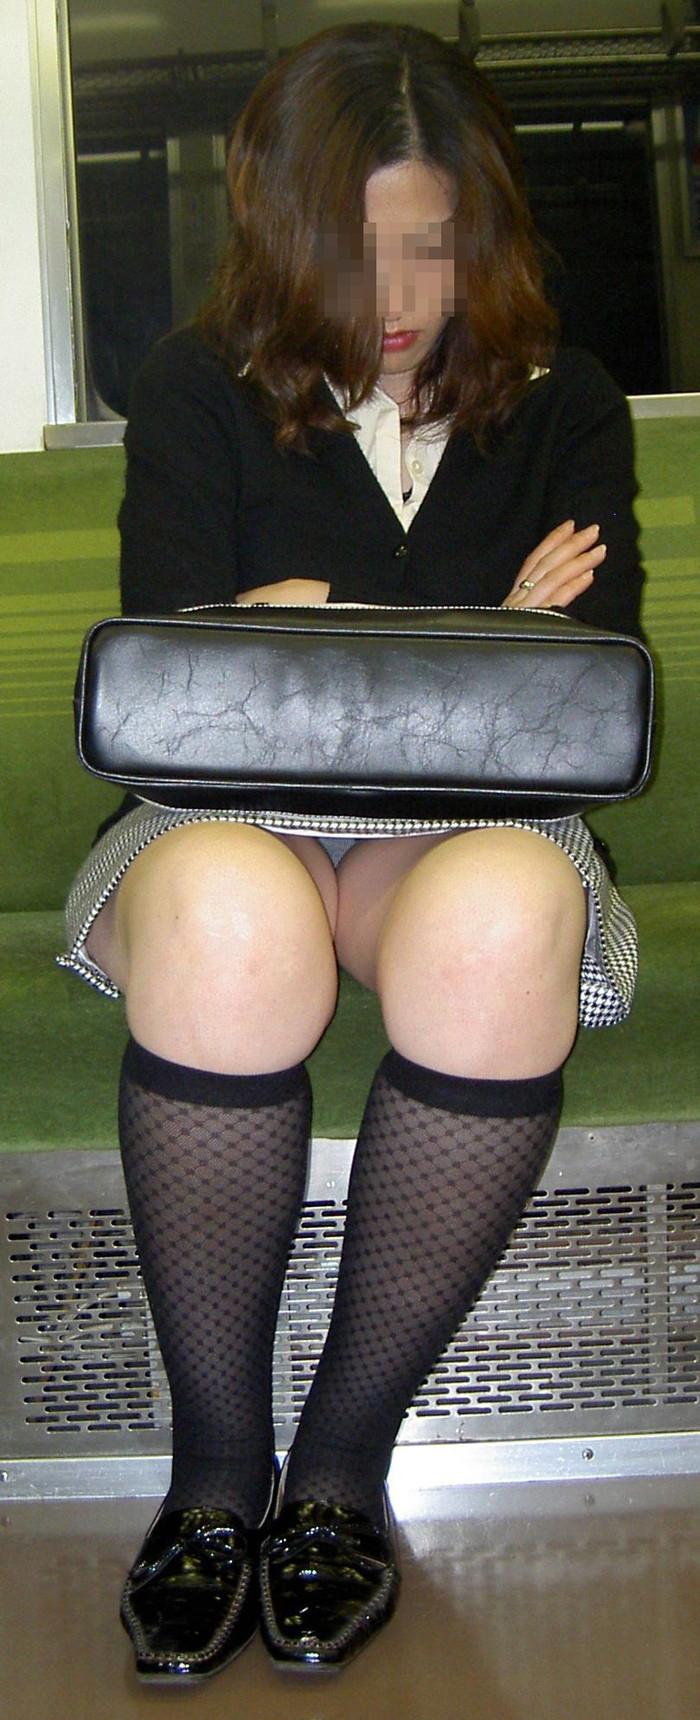 【対面パンチラエロ画像】対面に座った女の子のスカートの中身が気になって仕方ない! 09